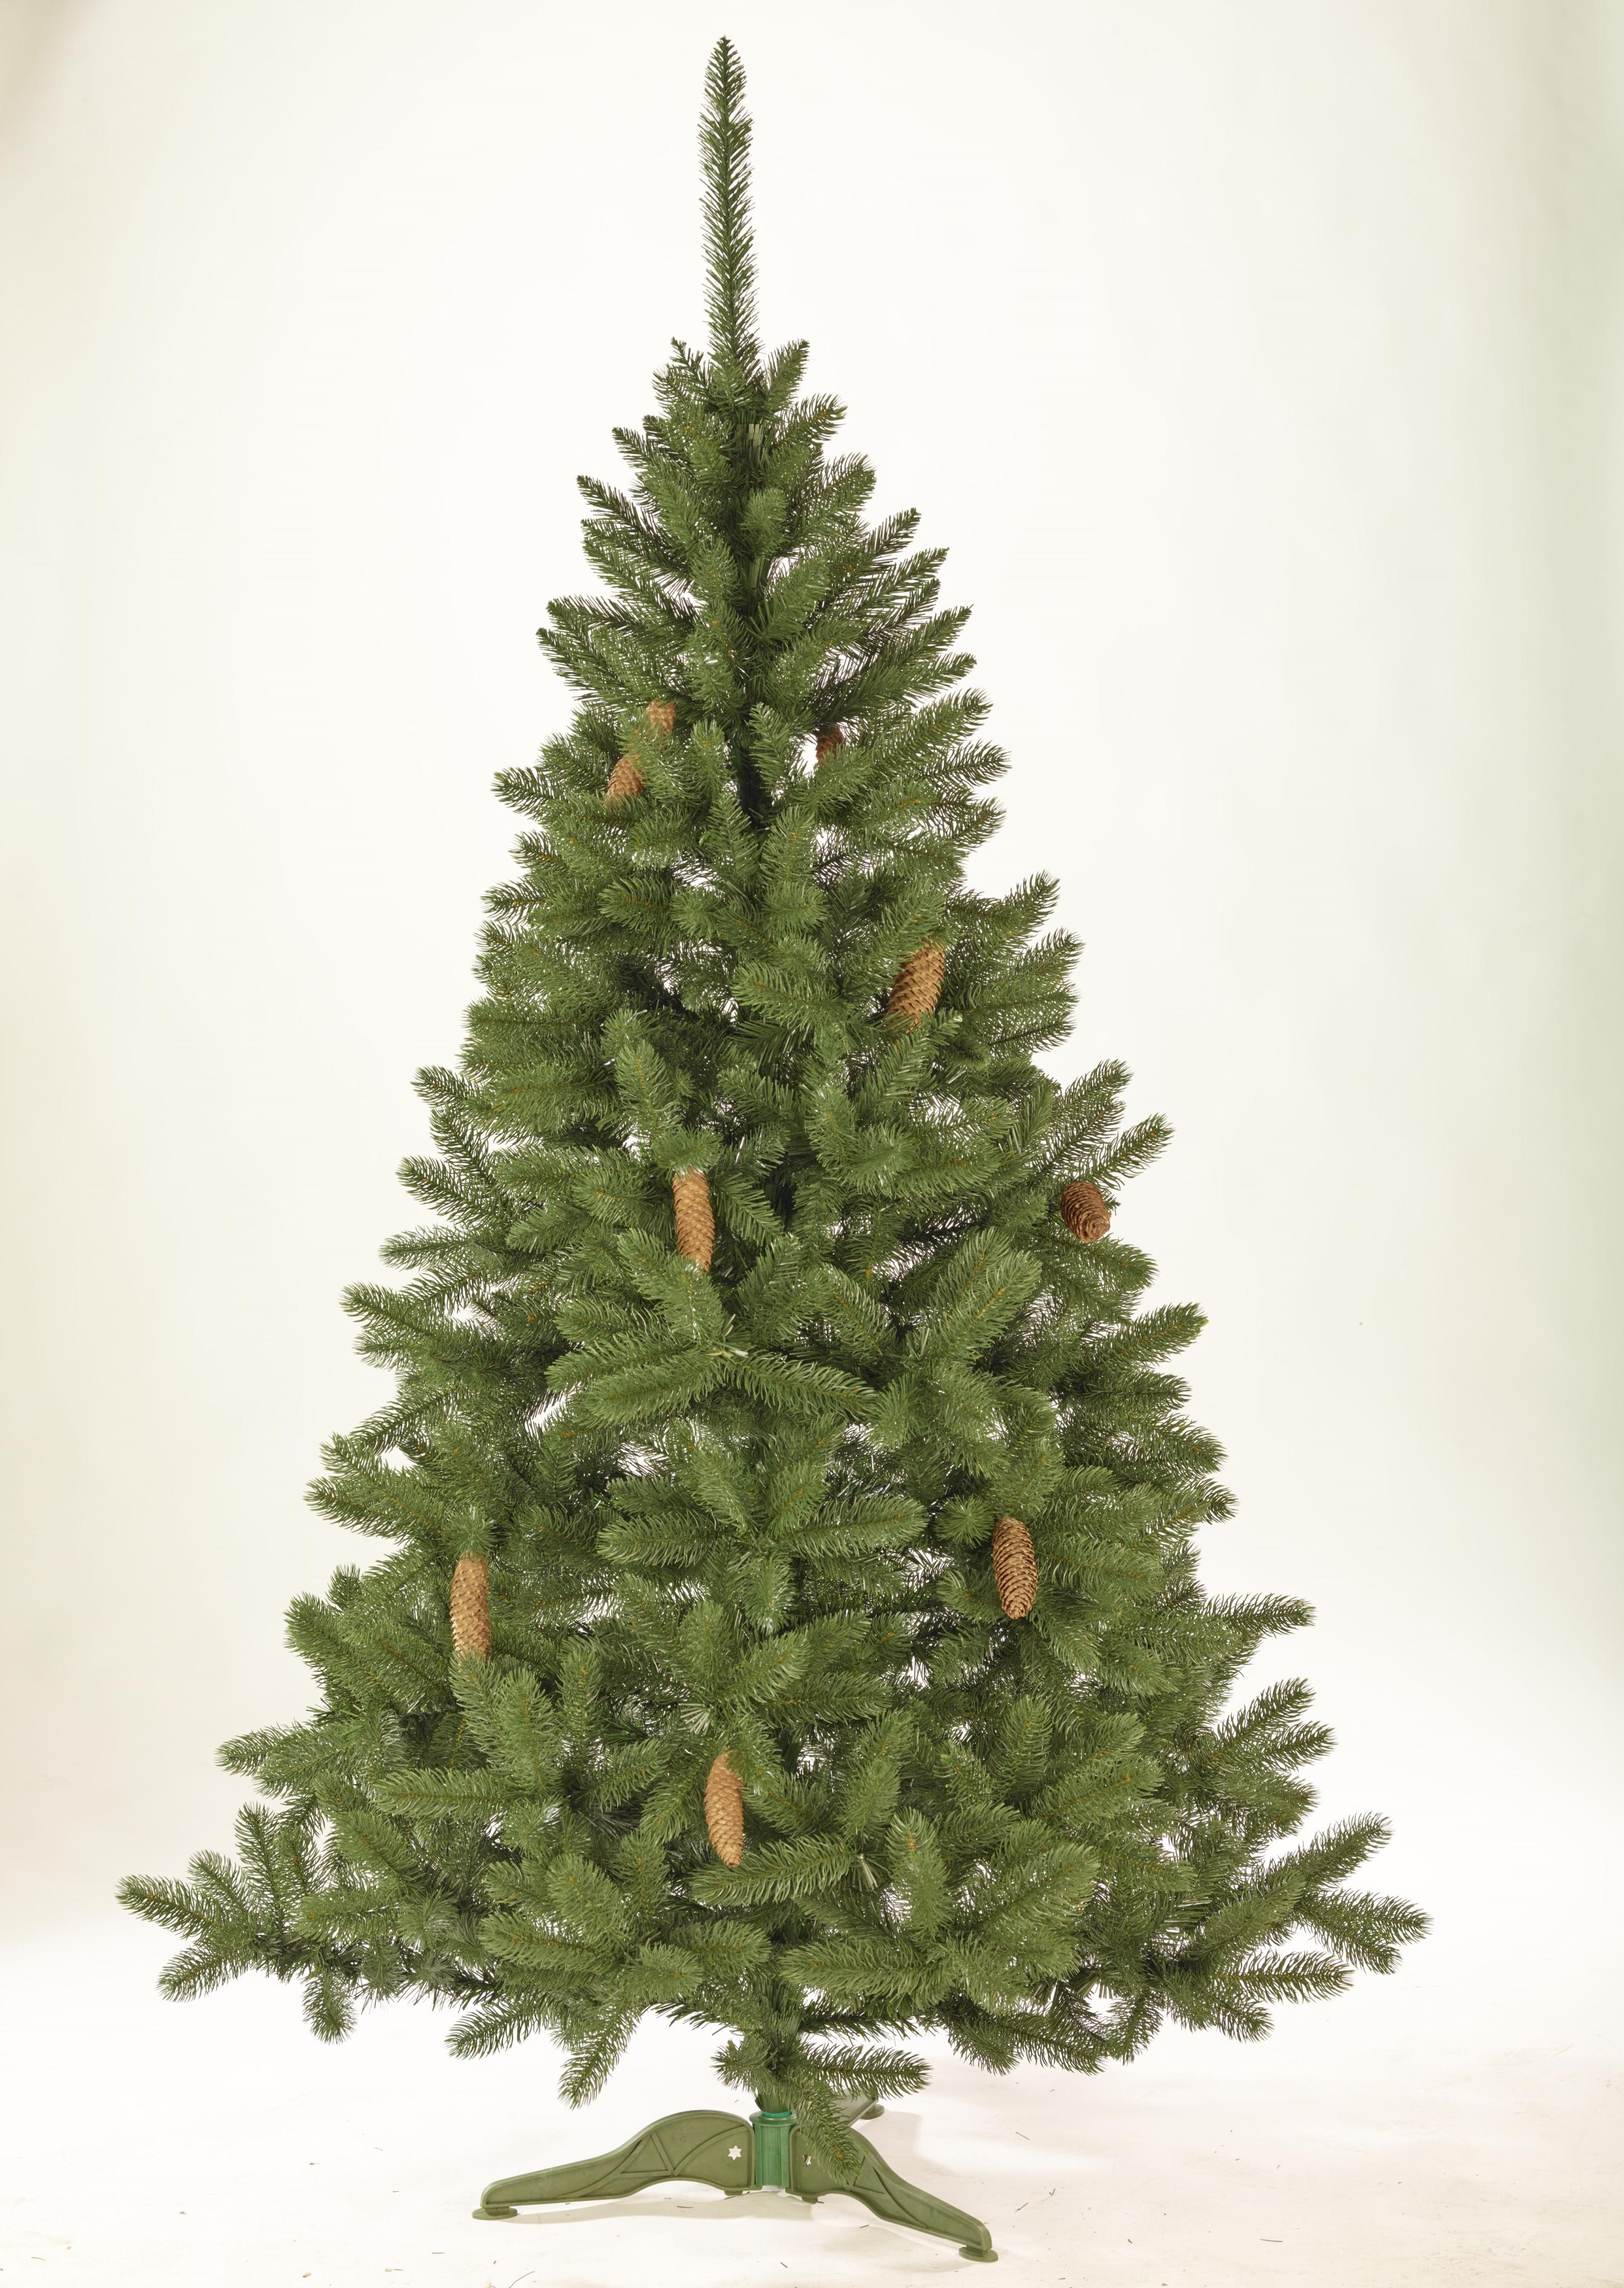 tannenbaum ohne nadeln weihnachtsbaum ohne nadeln my weihnachtsbaum ohne nadeln stockfoto. Black Bedroom Furniture Sets. Home Design Ideas